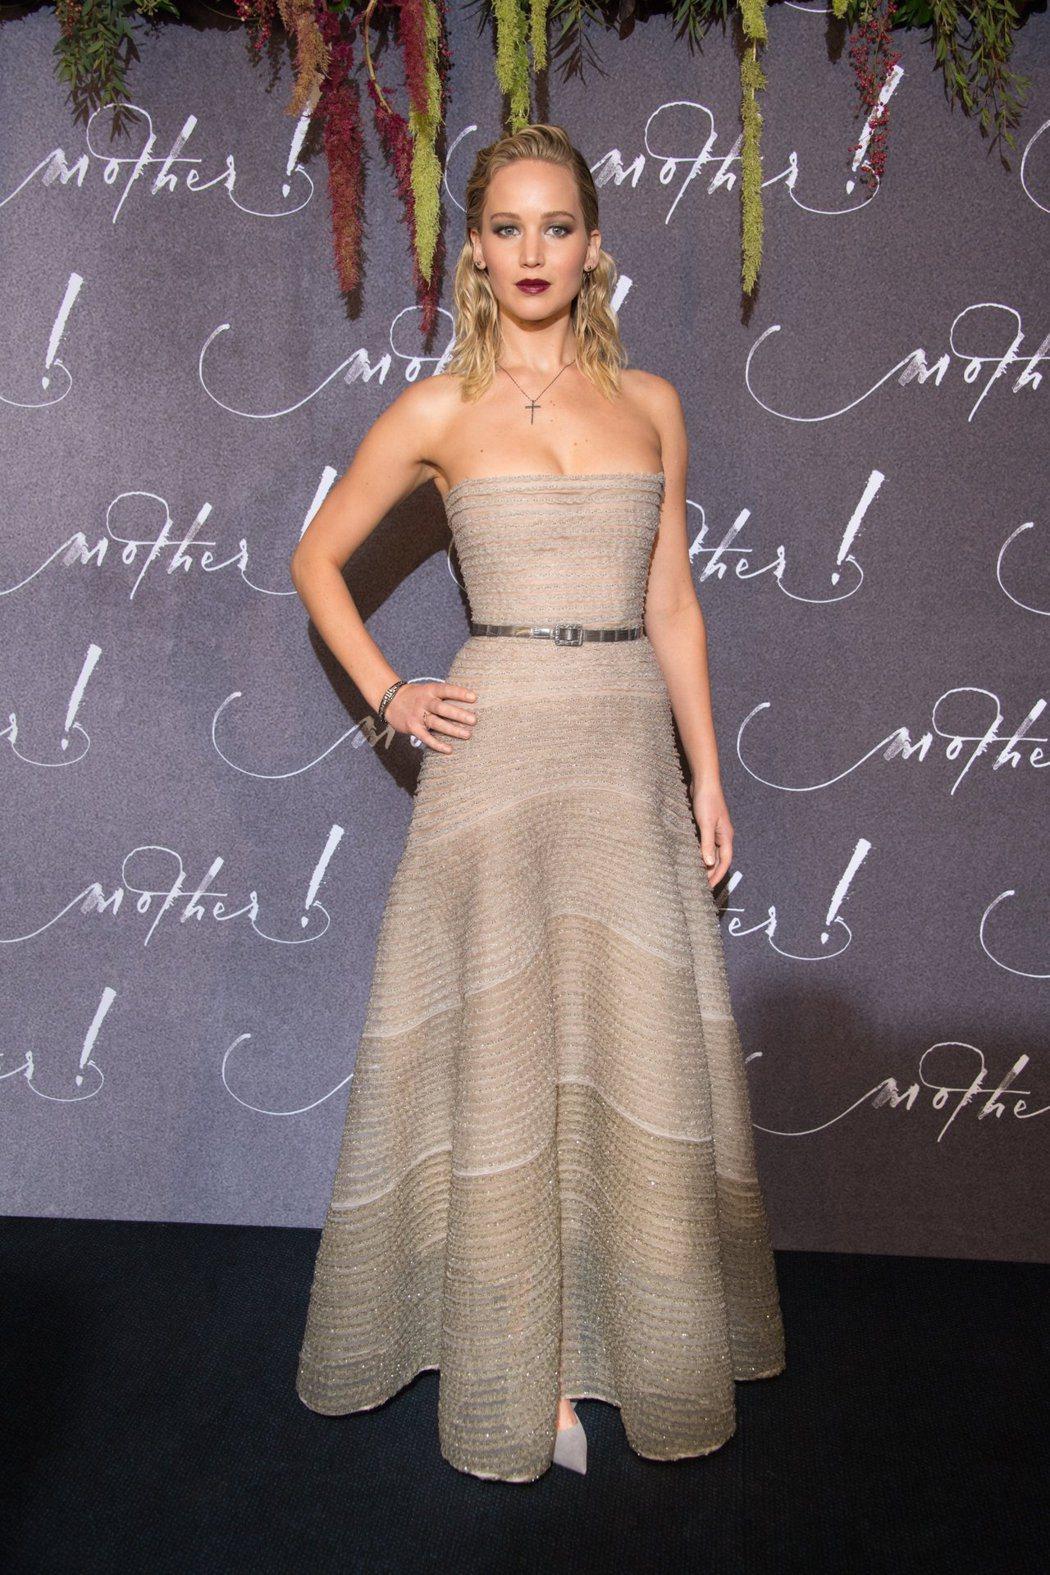 珍妮佛勞倫斯穿著珍珠粉煤灰色亮片刺繡薄紗晚禮服。圖/Dior提供